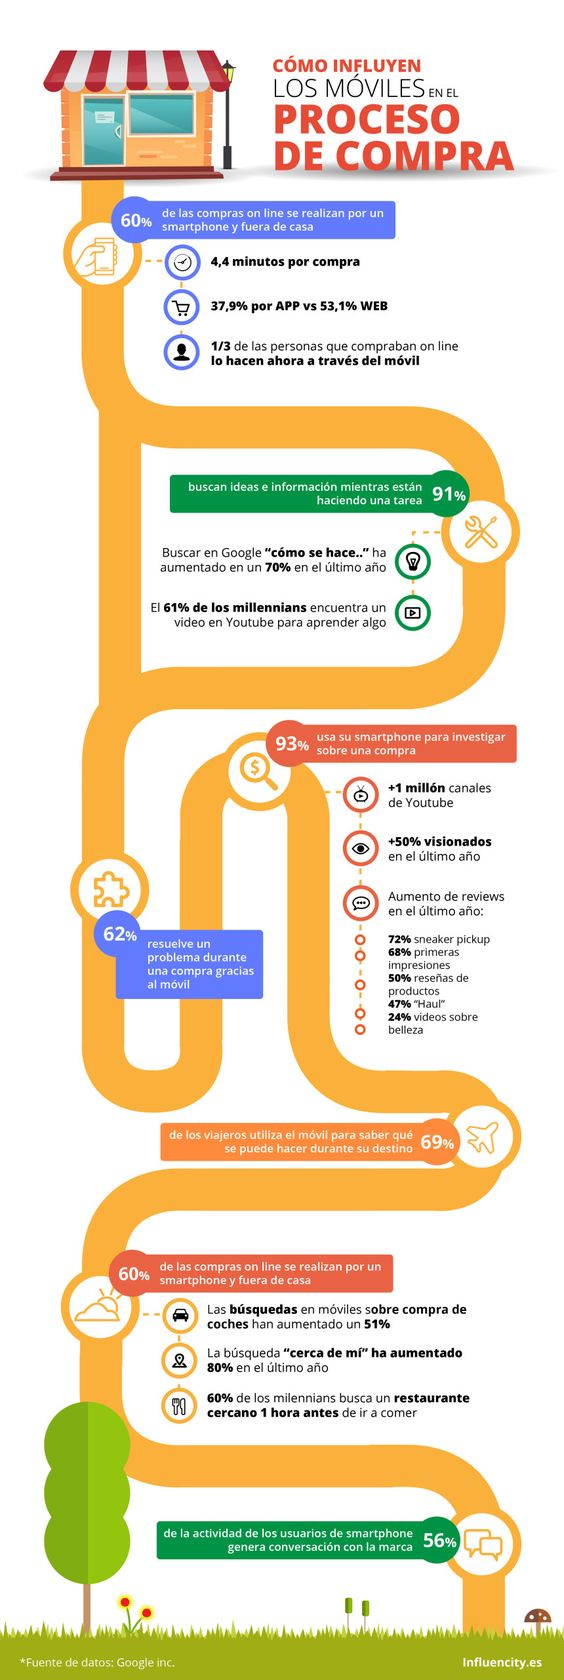 Cómo influyen los móviles en el proceso de compra #infografia #infographic #marketing